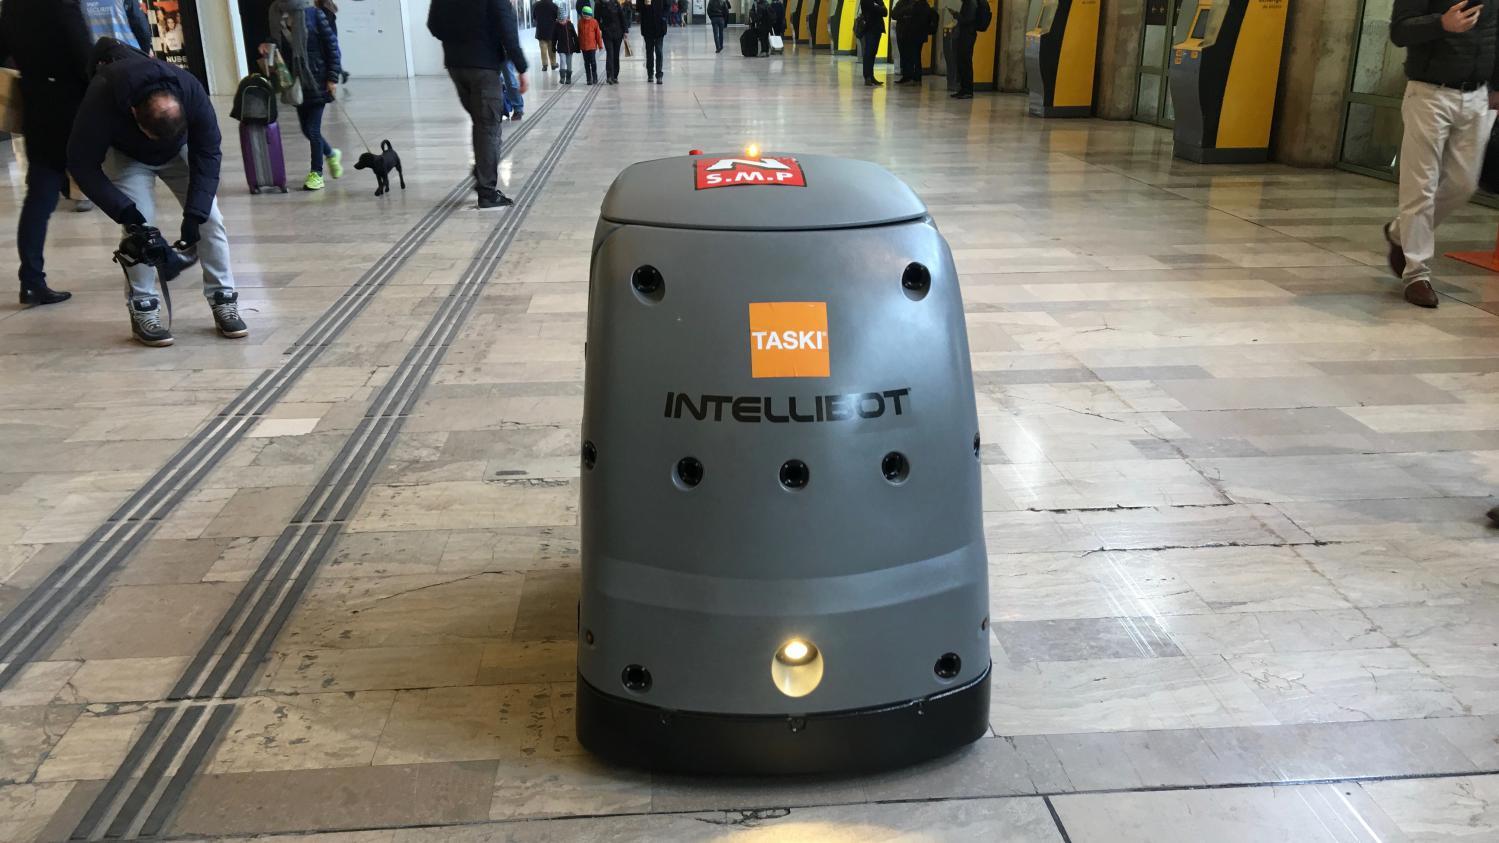 Accueil nettoyage manutention les robots arrivent for Robot de nettoyage